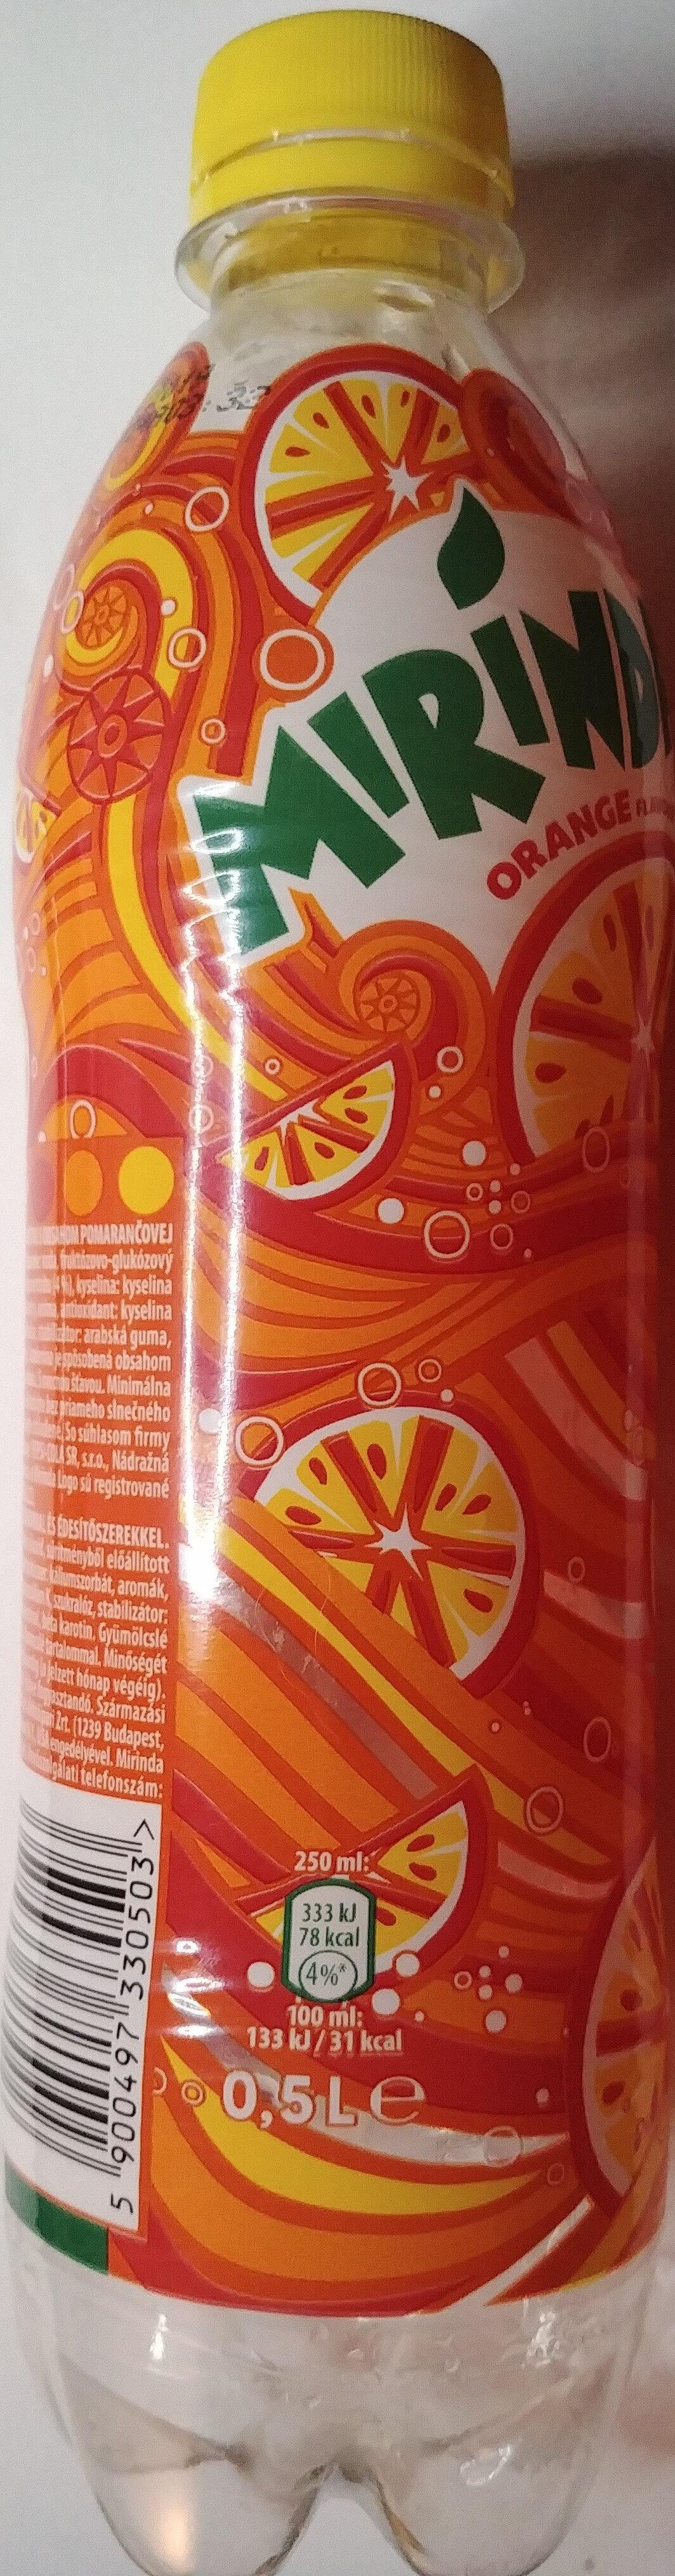 Napój gazowany o smaku pomarańczowym - Product - pl